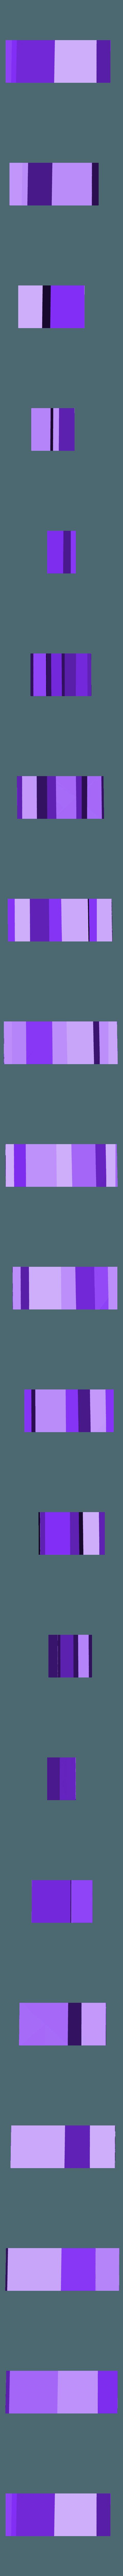 bain de soleil .stl Download free STL file sunbathing • 3D print object, catf3d